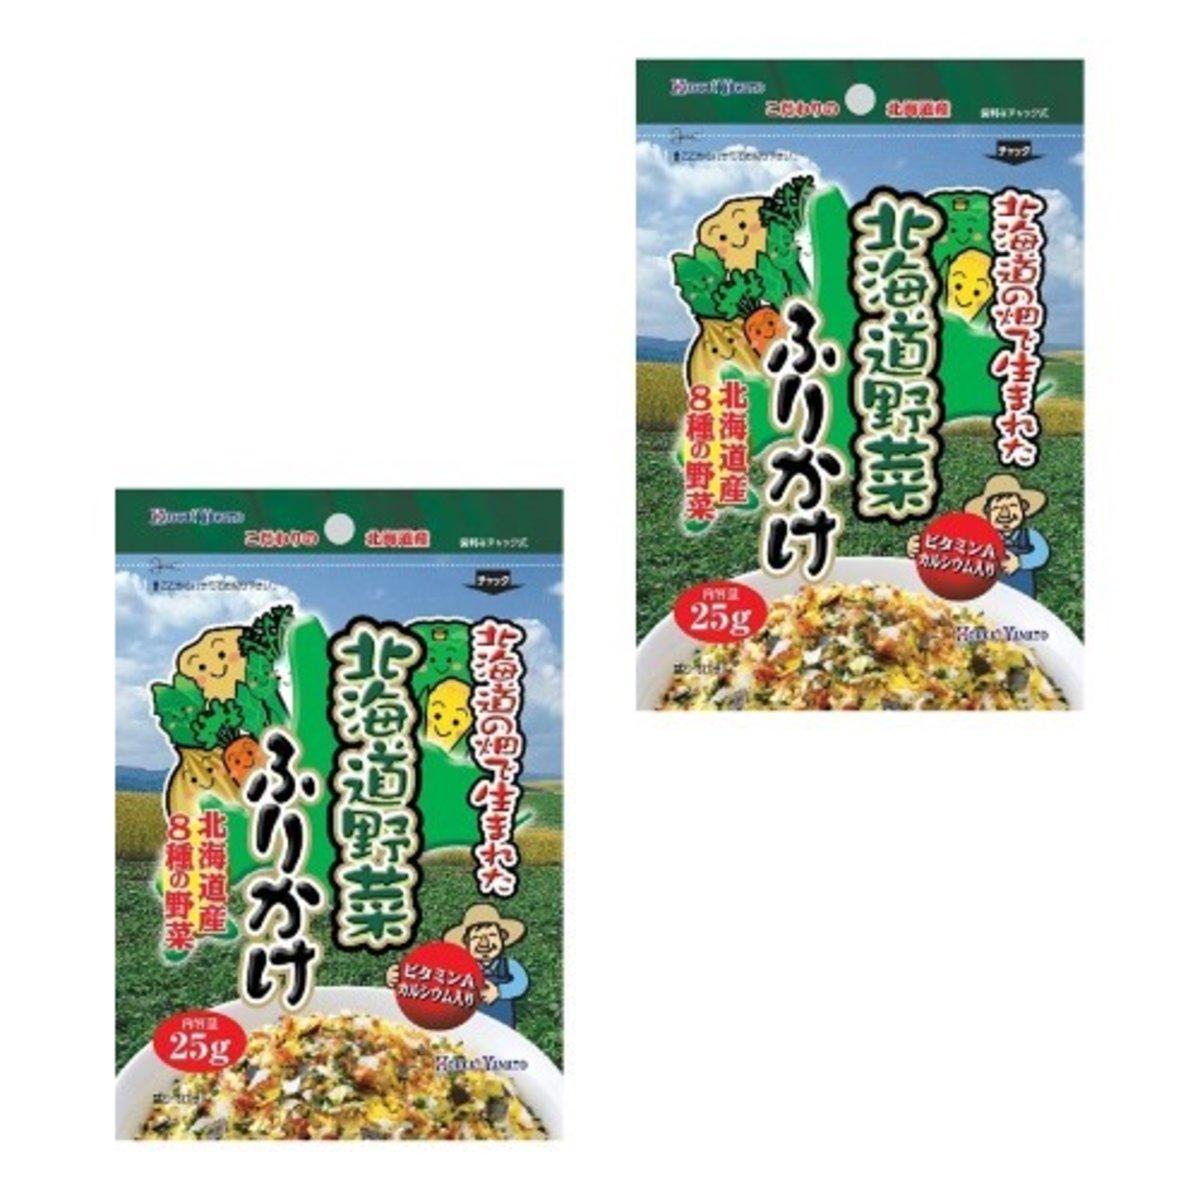 2包 北海道野菜飯素(711015_02)(日本版)